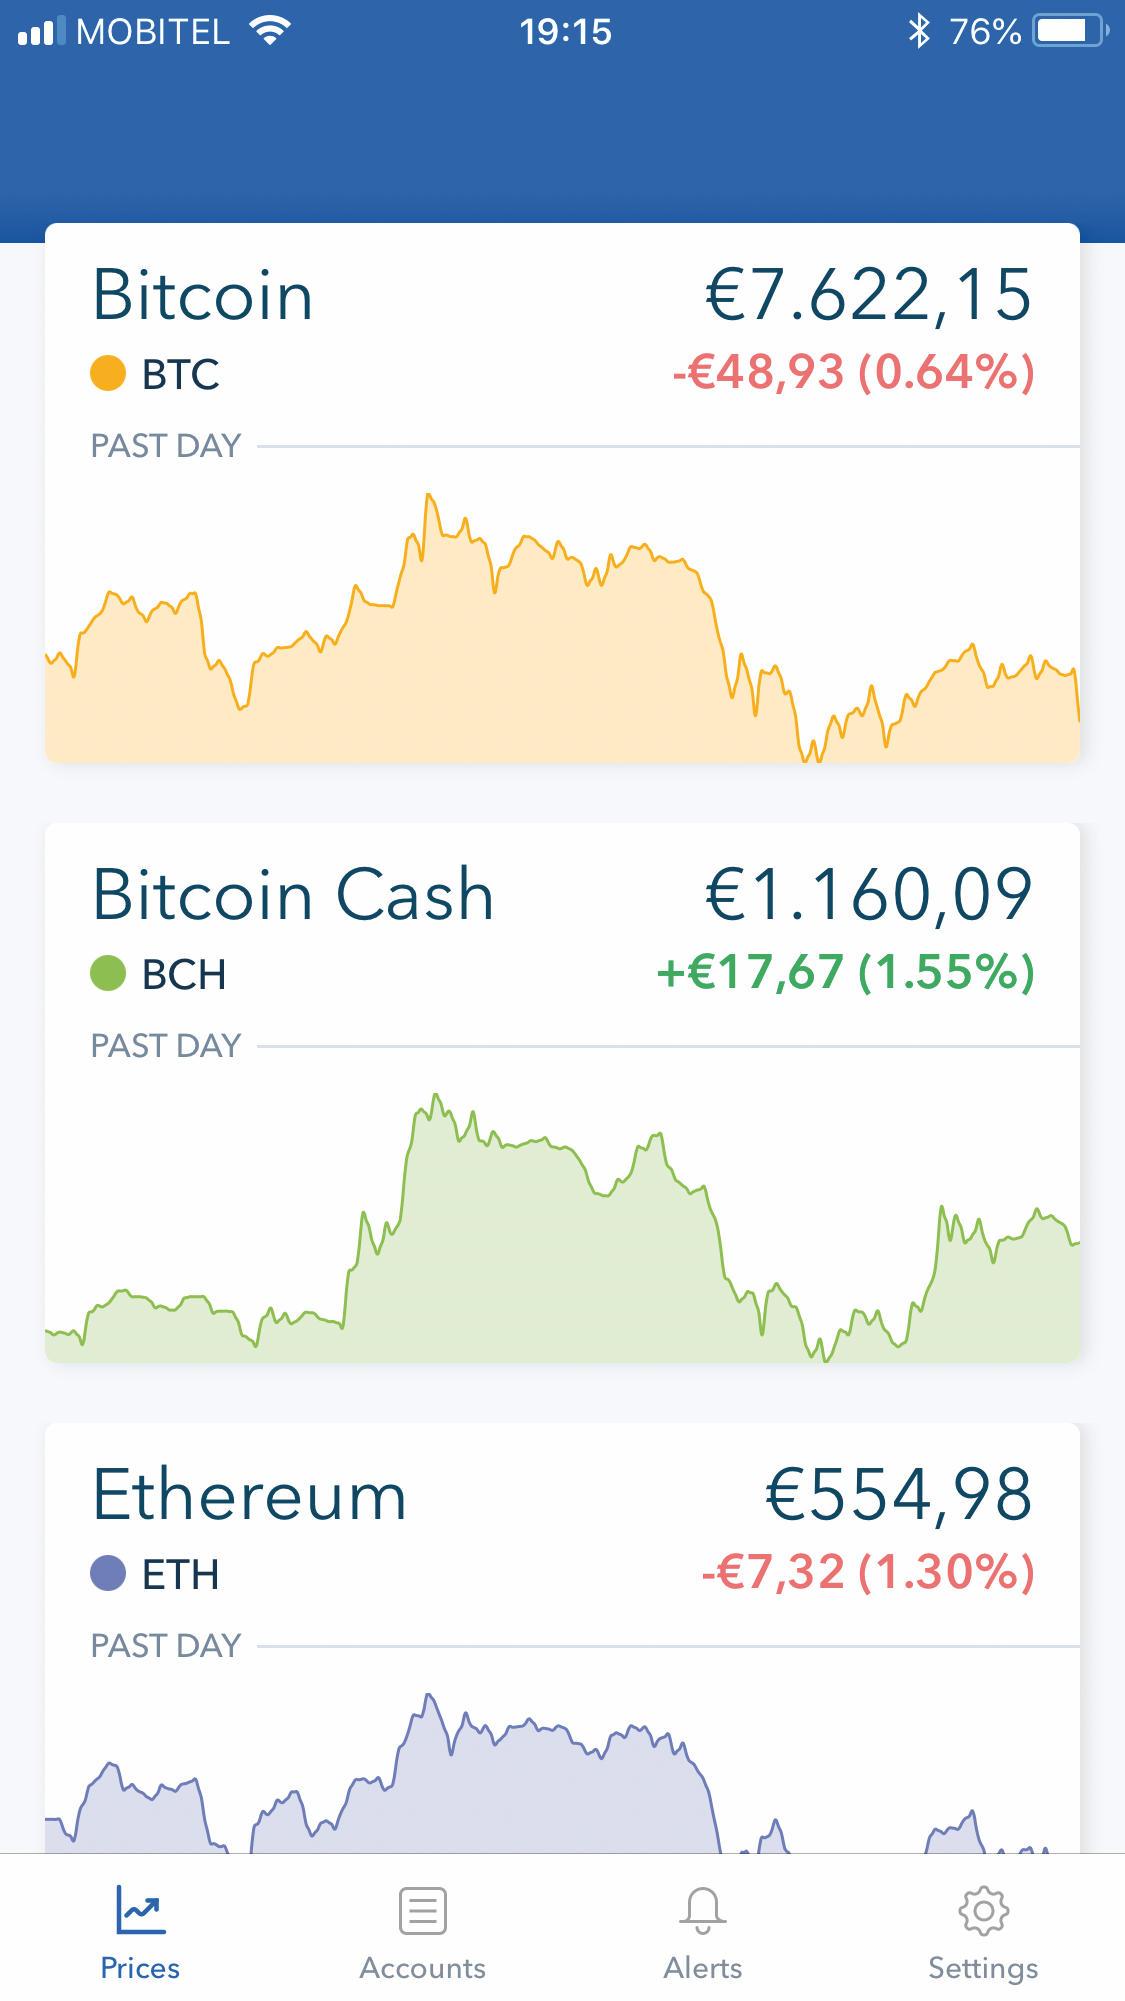 su prijelaz bitcoina u sukladnost s dnevnim pravilima trgovanja koliko novca bitcoin zarađuje tarkov